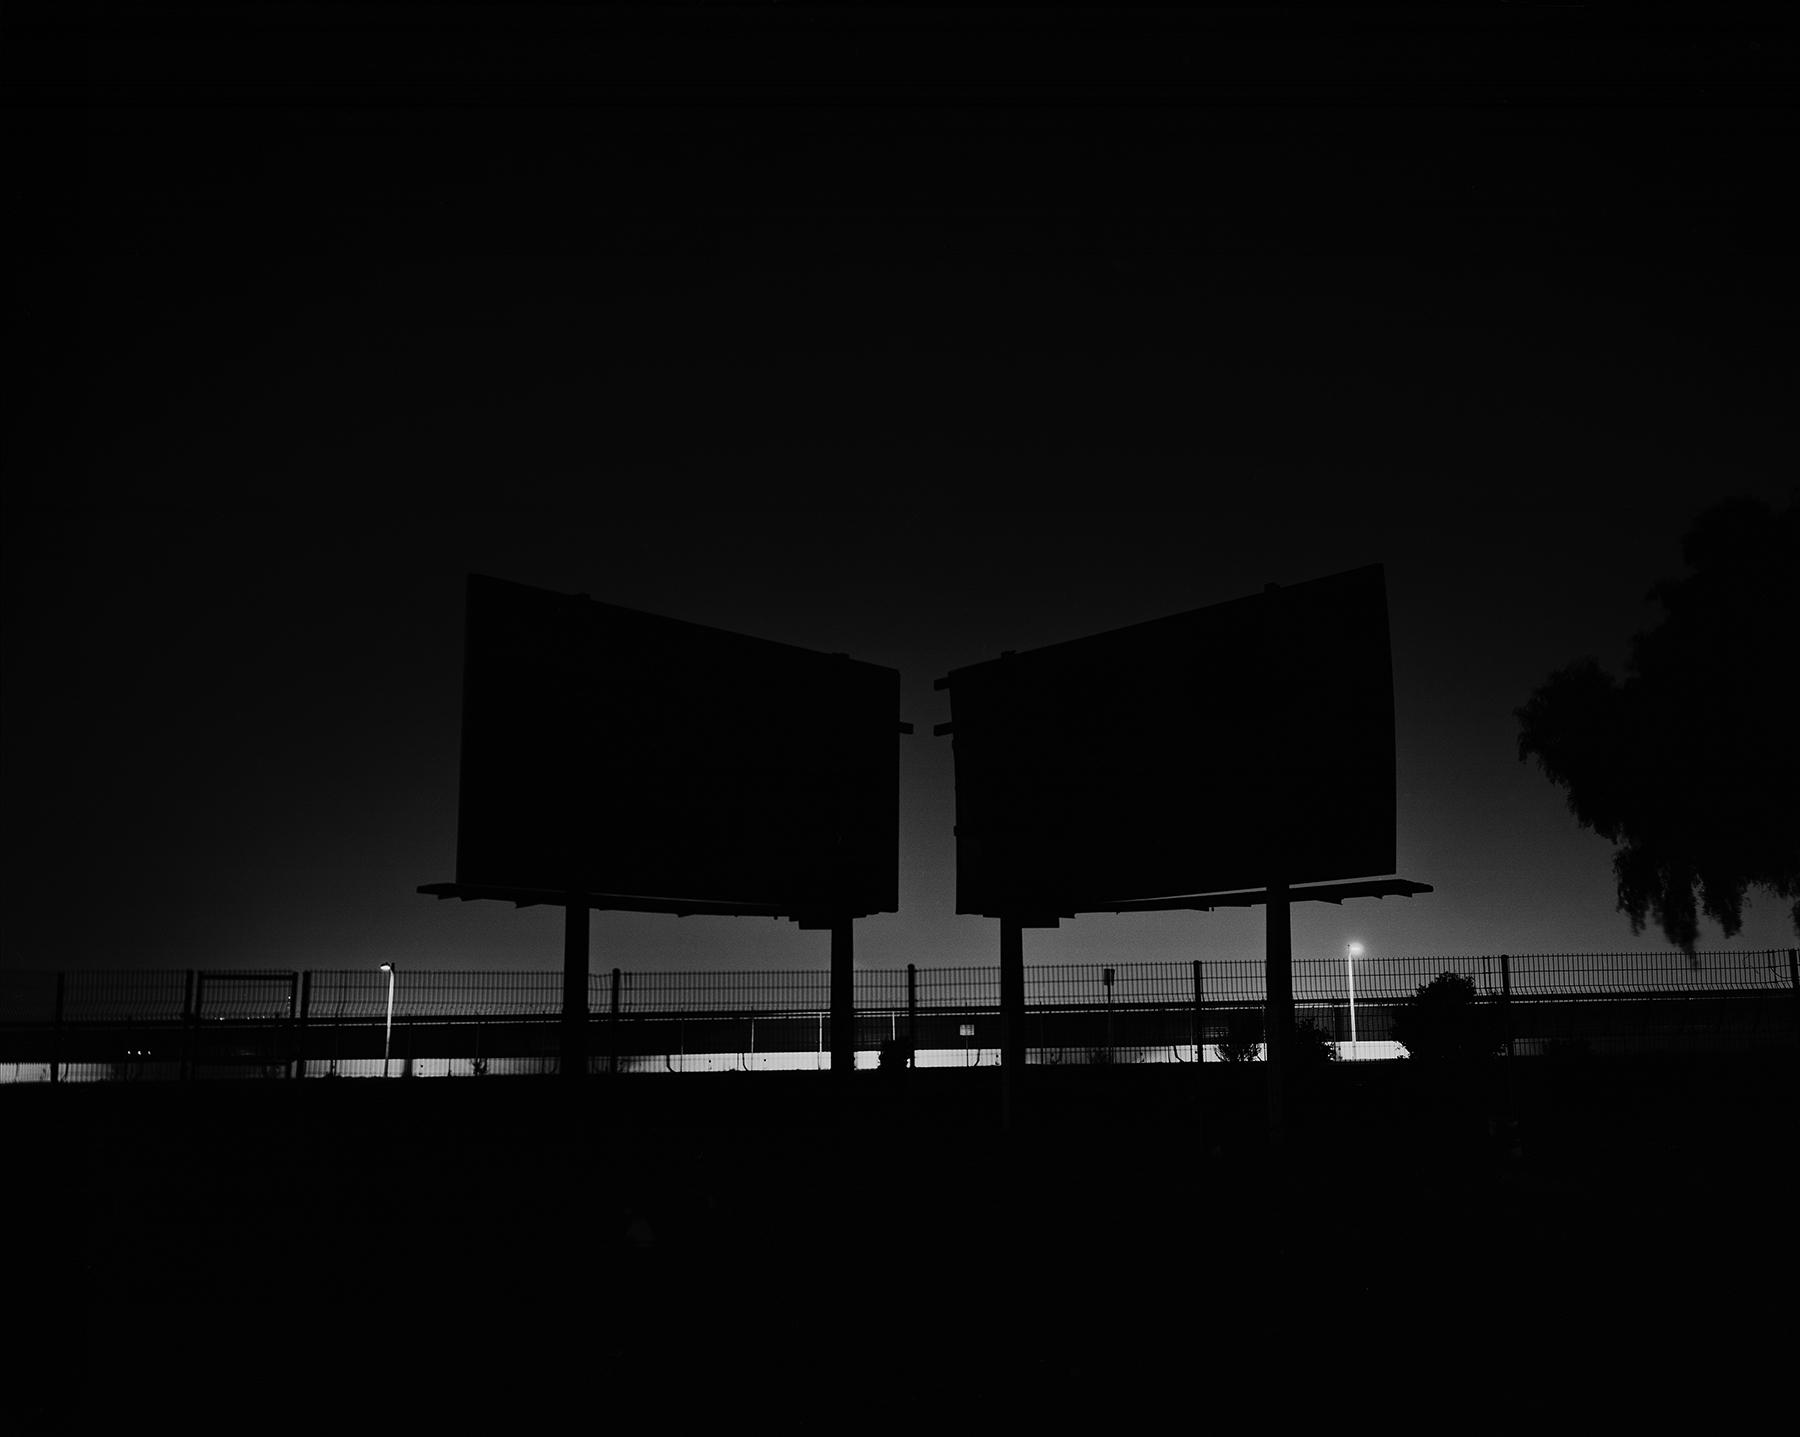 billboards, san fernando valley  2007